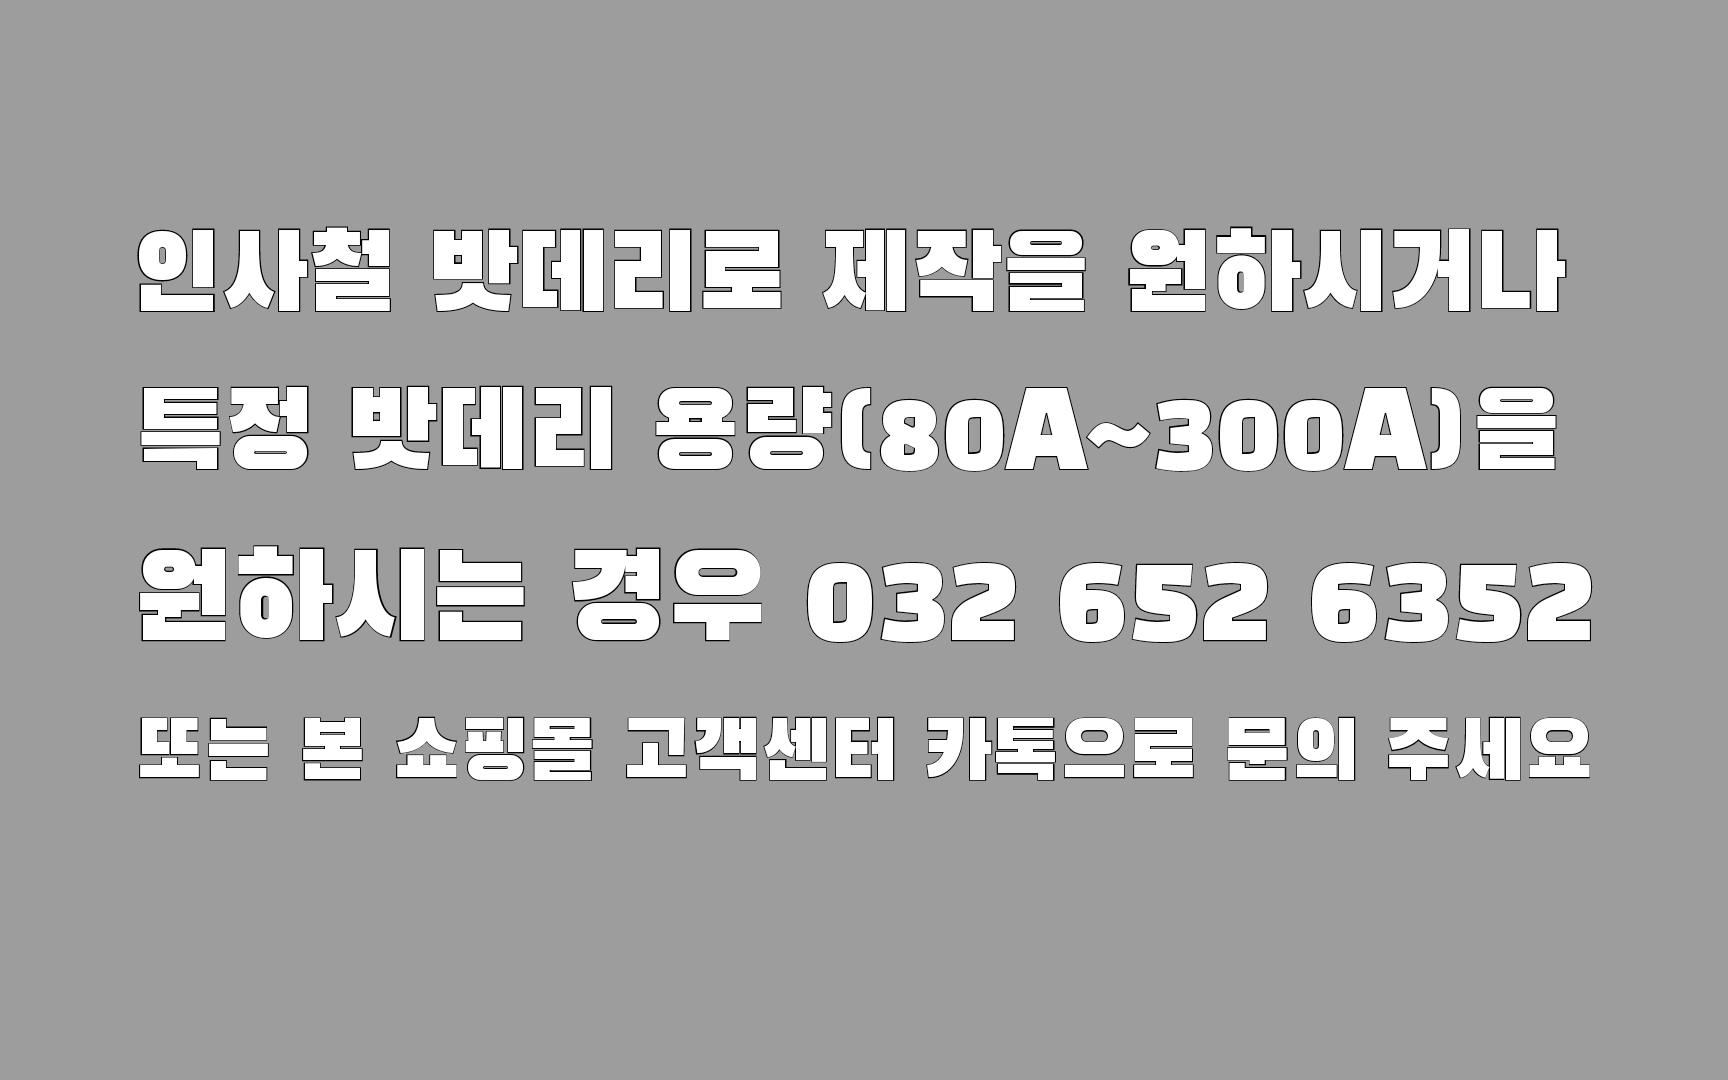 ec917f9025ecc95afcbba13043d402a6_1612334784_5193.png